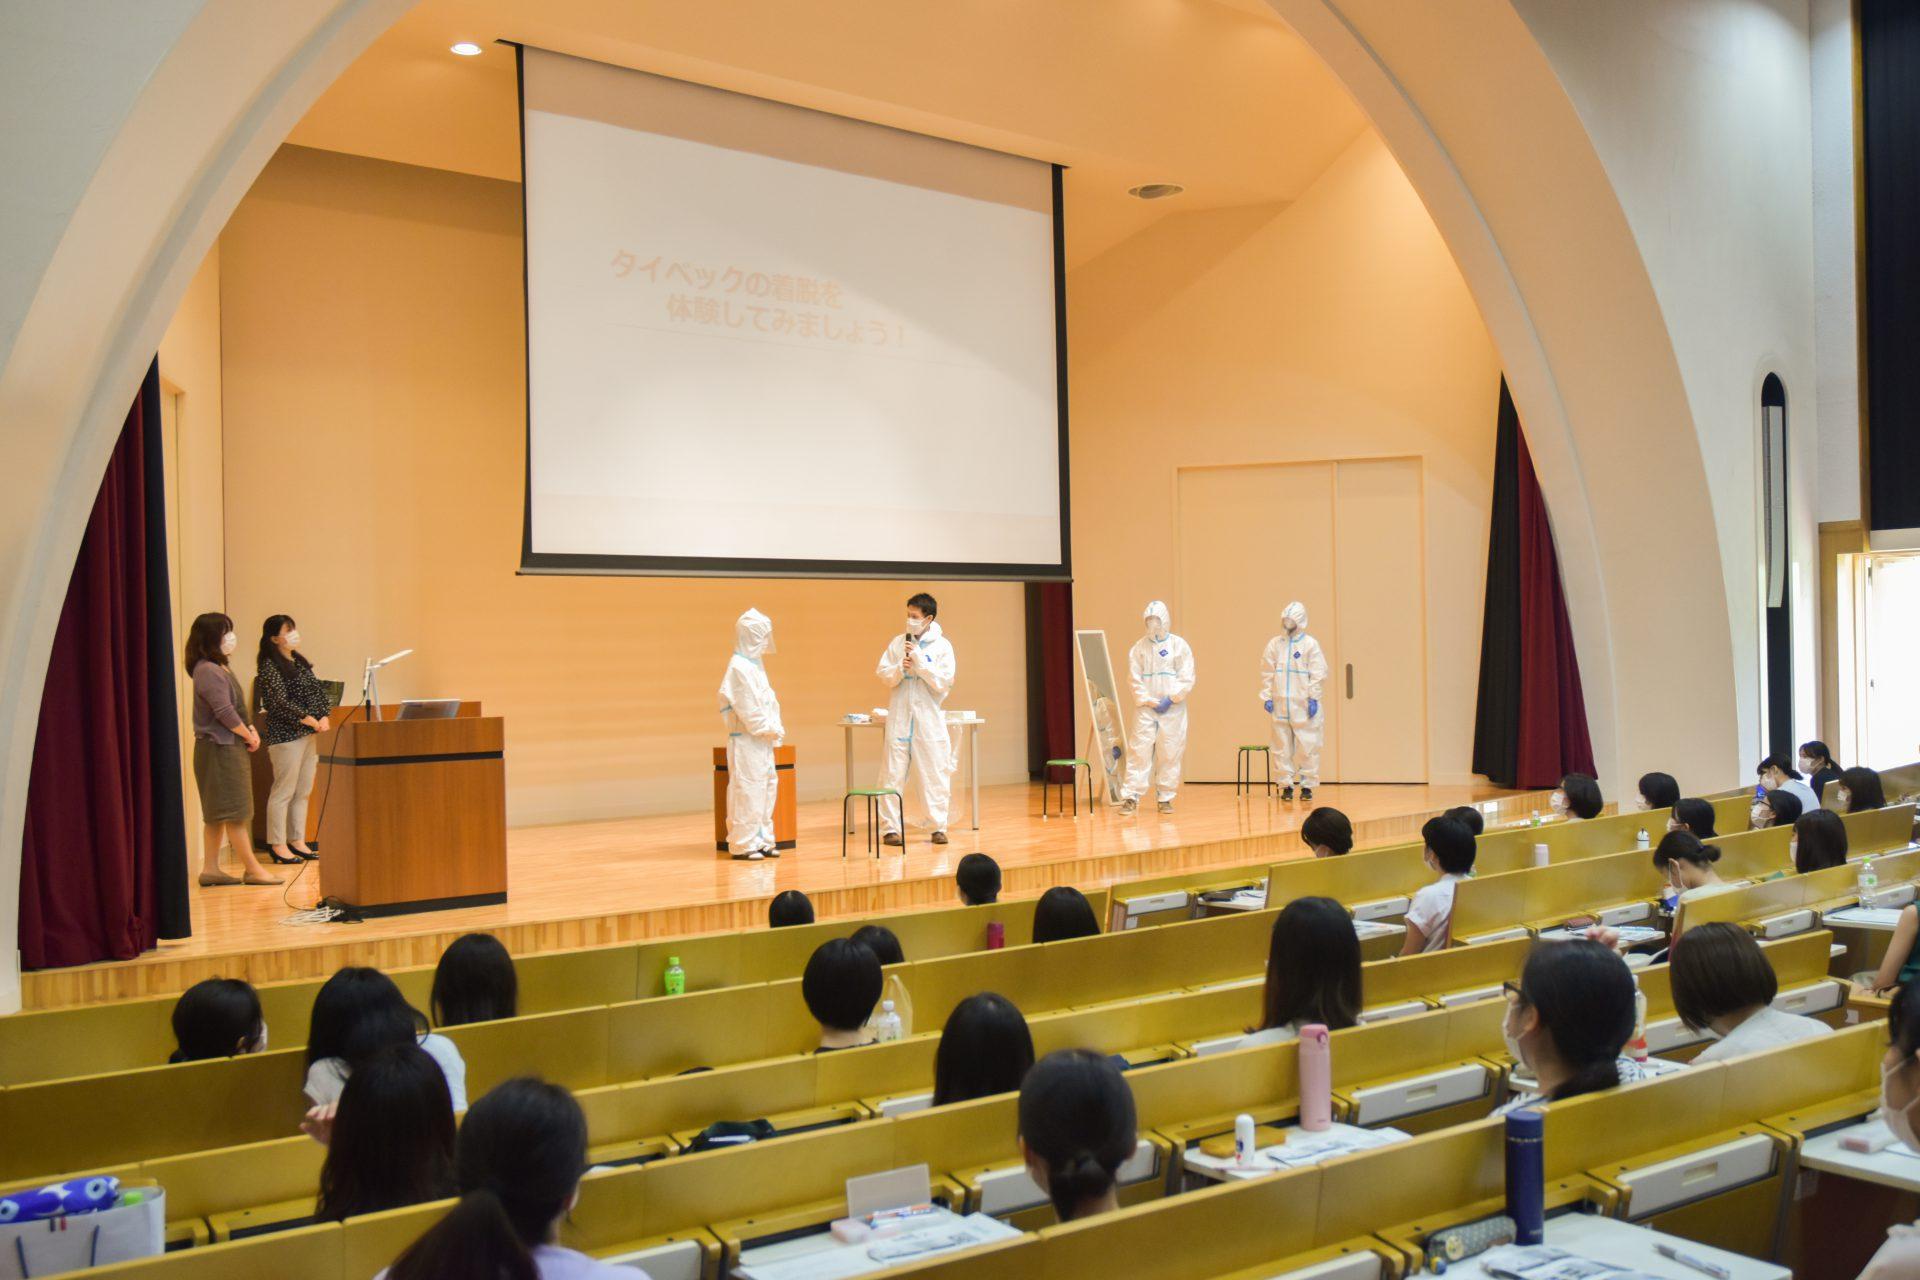 【総合実習:特別講演】 新型コロナウイルス感染症軽症者療養施設における看護ケア